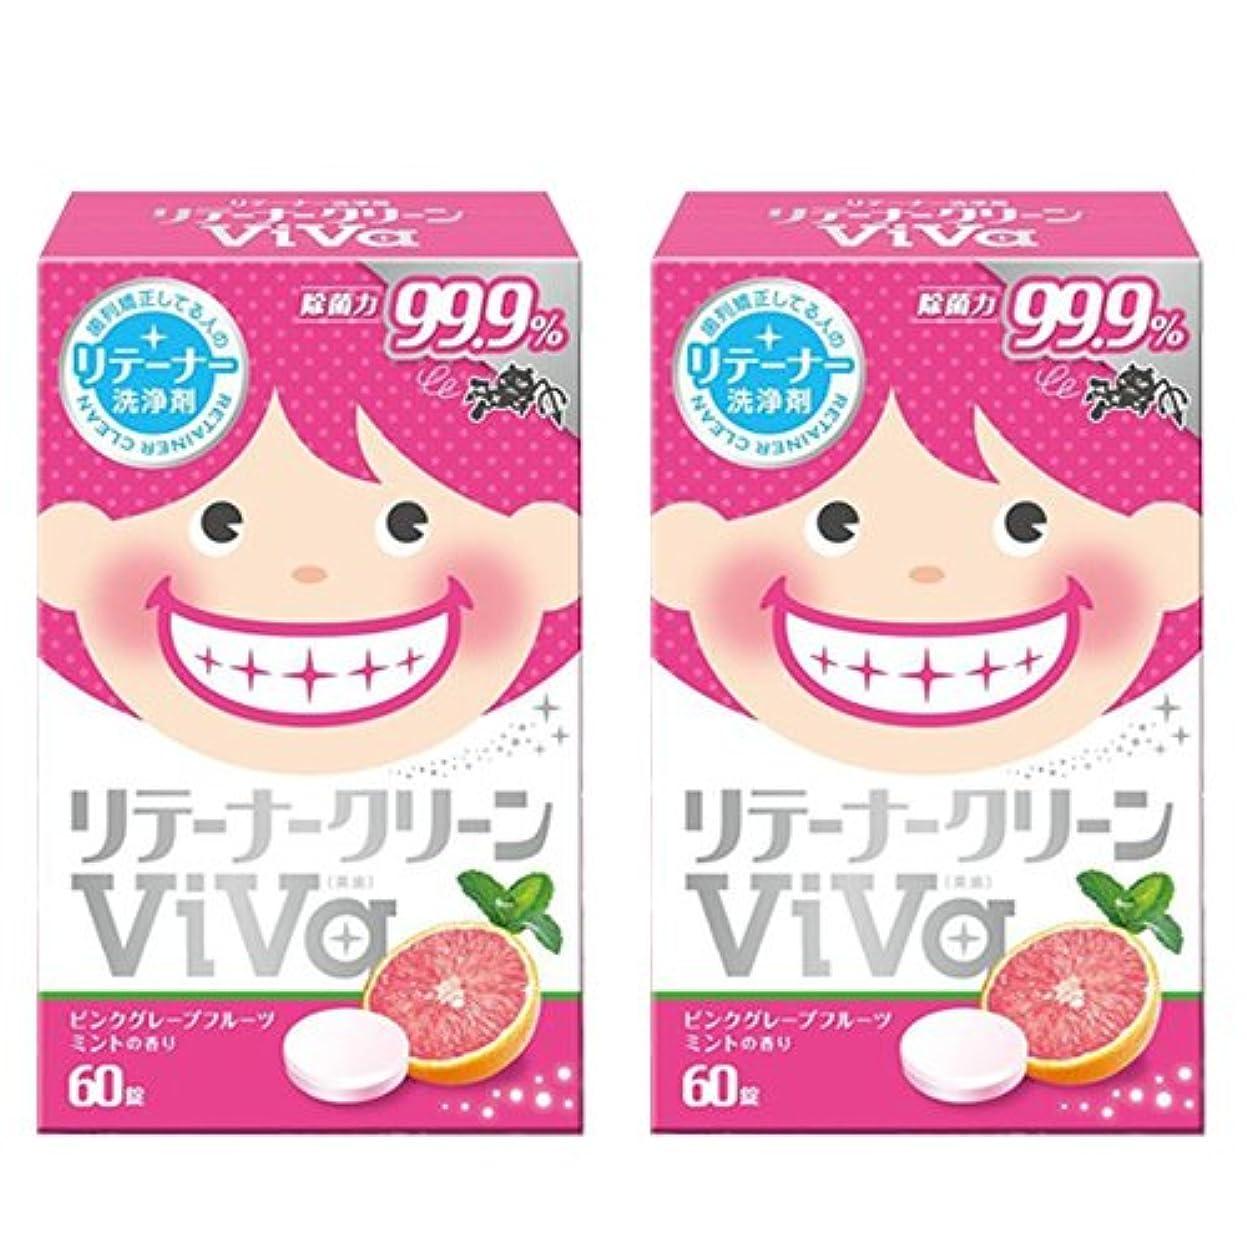 愛情深い差別化するダイヤモンドリテーナークリーン ViVa 60錠 歯列矯正している人のリテーナー洗浄剤 (2箱)